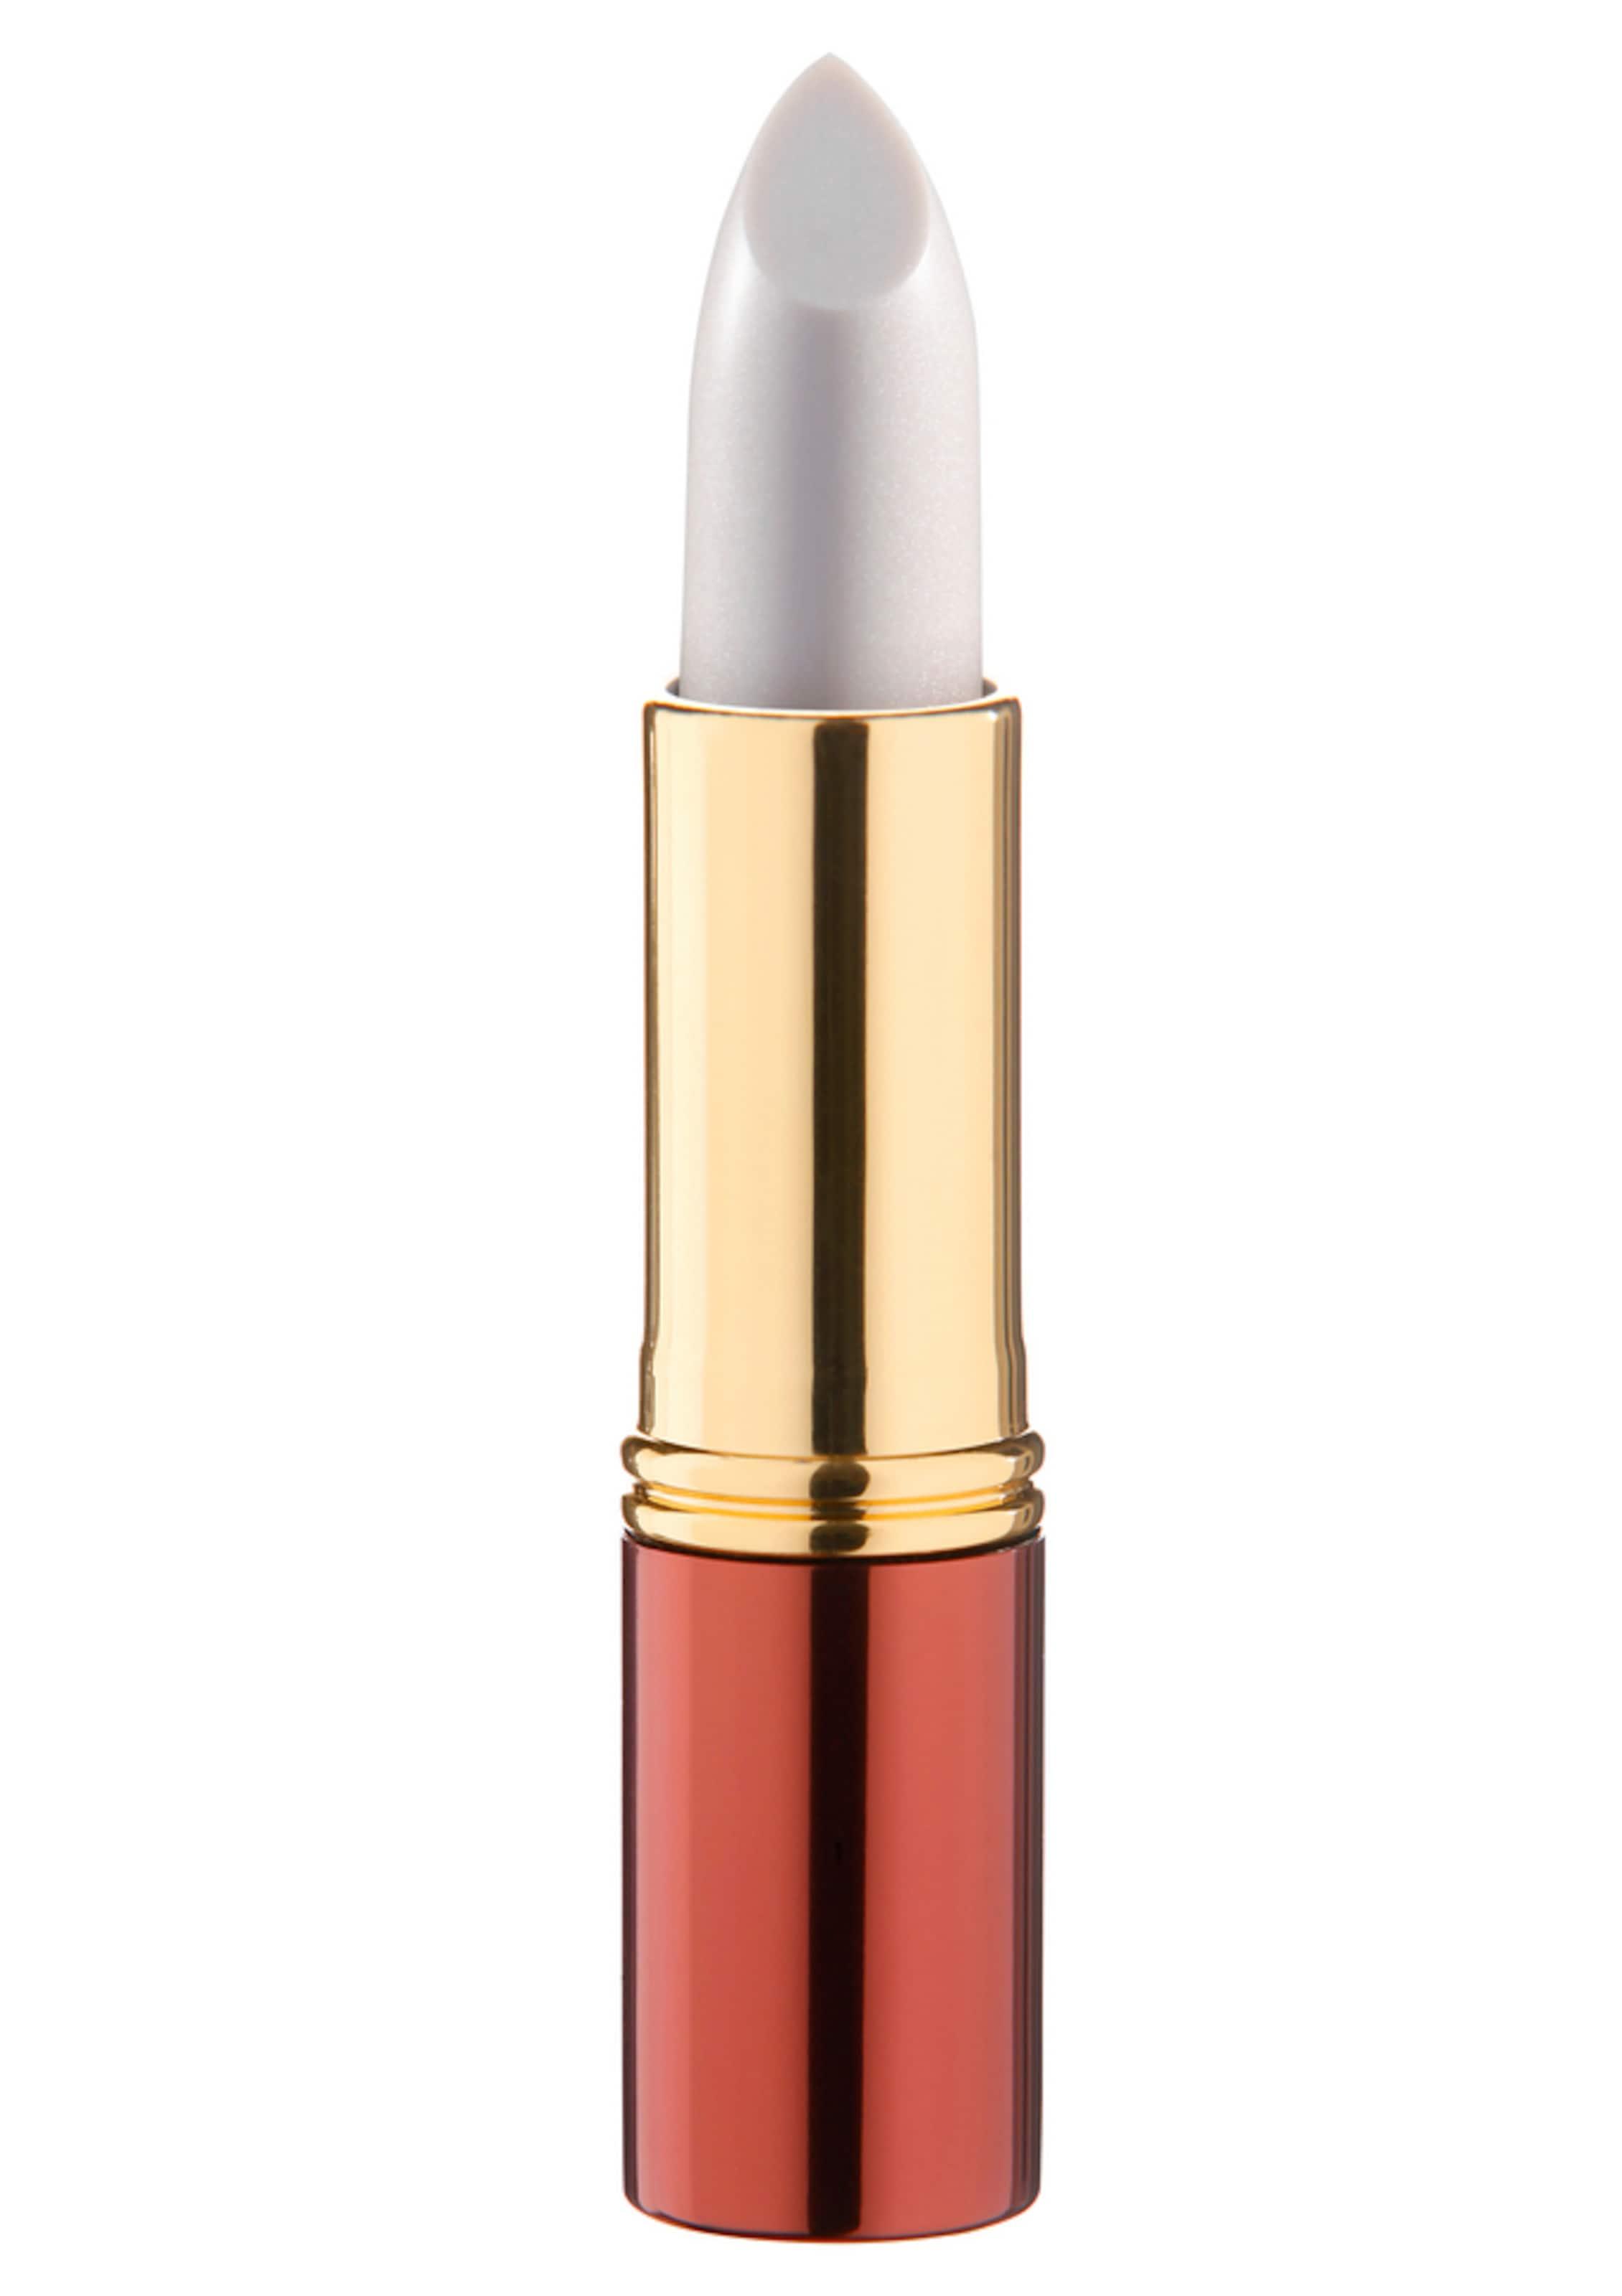 IKOS Denkender Lippenstift Billig Besten Angebot Zum Verkauf Äußerst Webseite Zum Verkauf Empfehlen Günstig Online tDtrm7